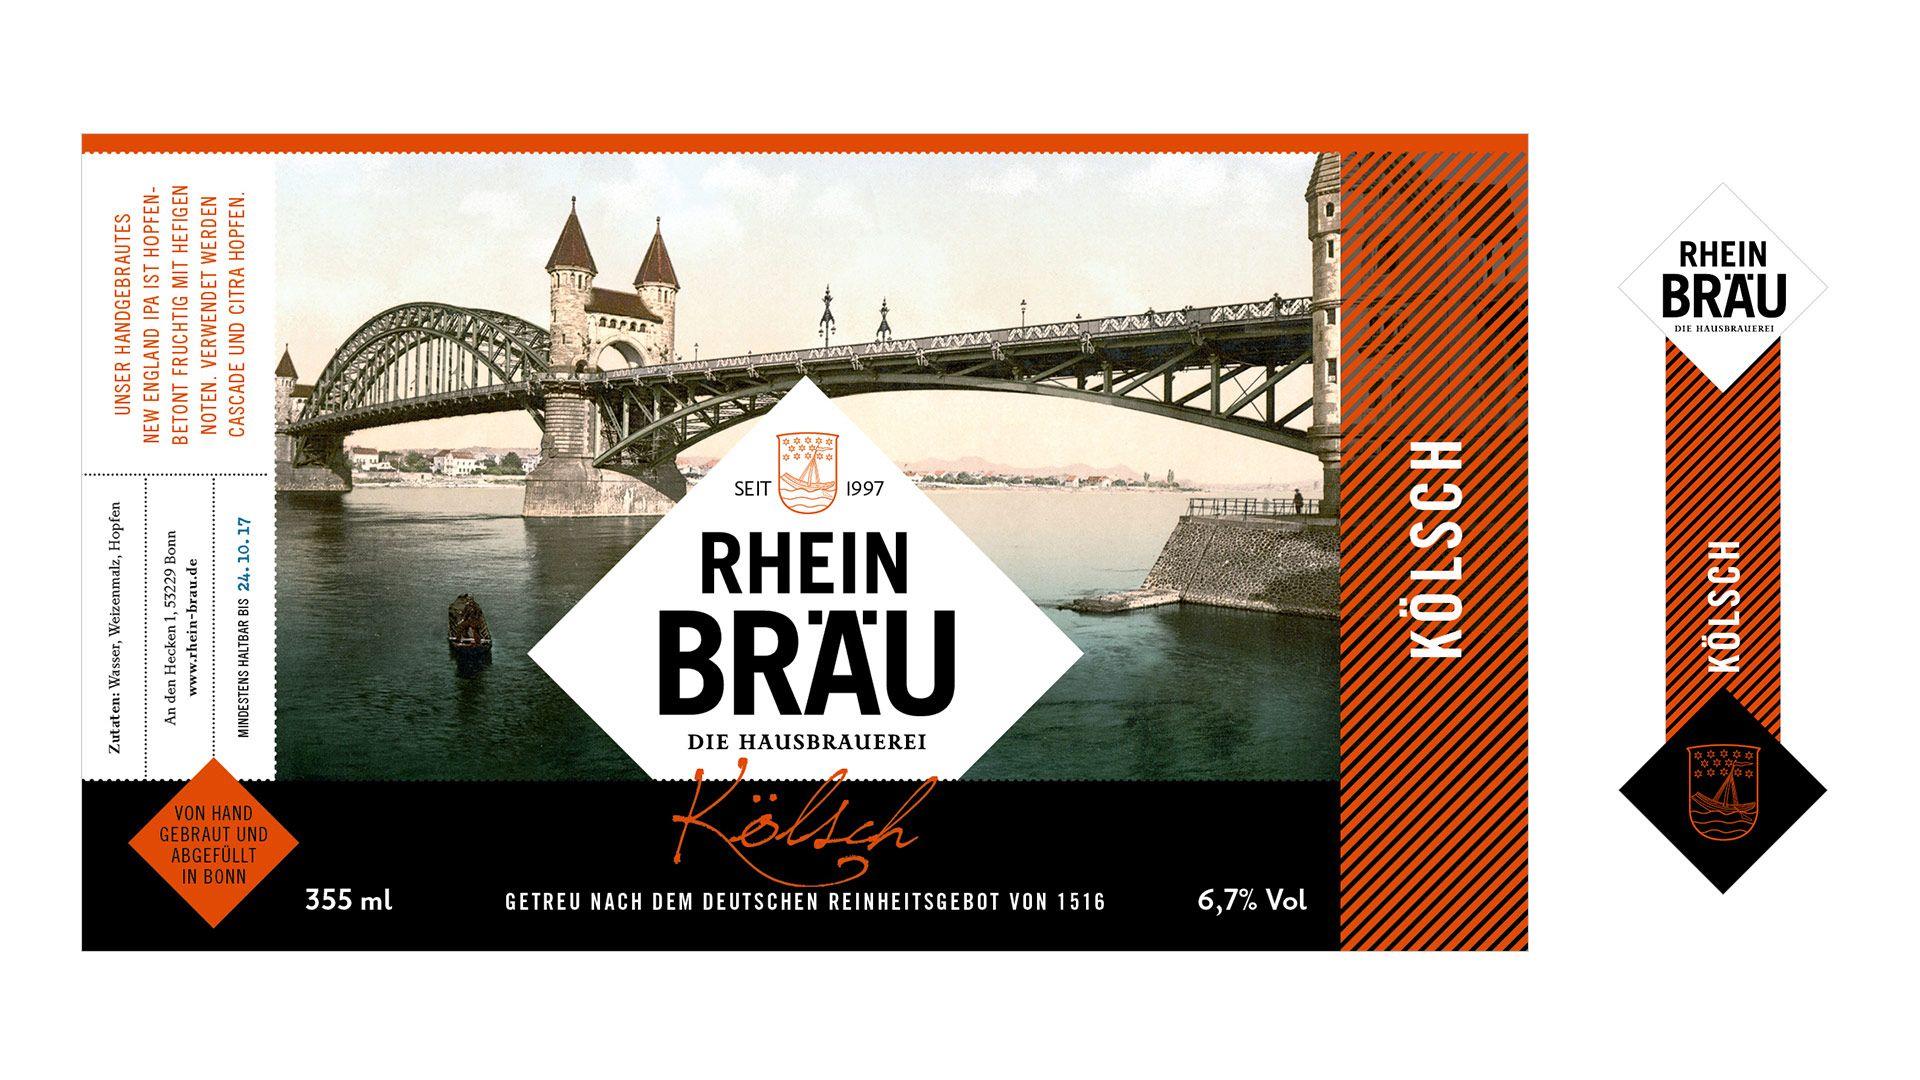 Rhein Bräu - Kölsch